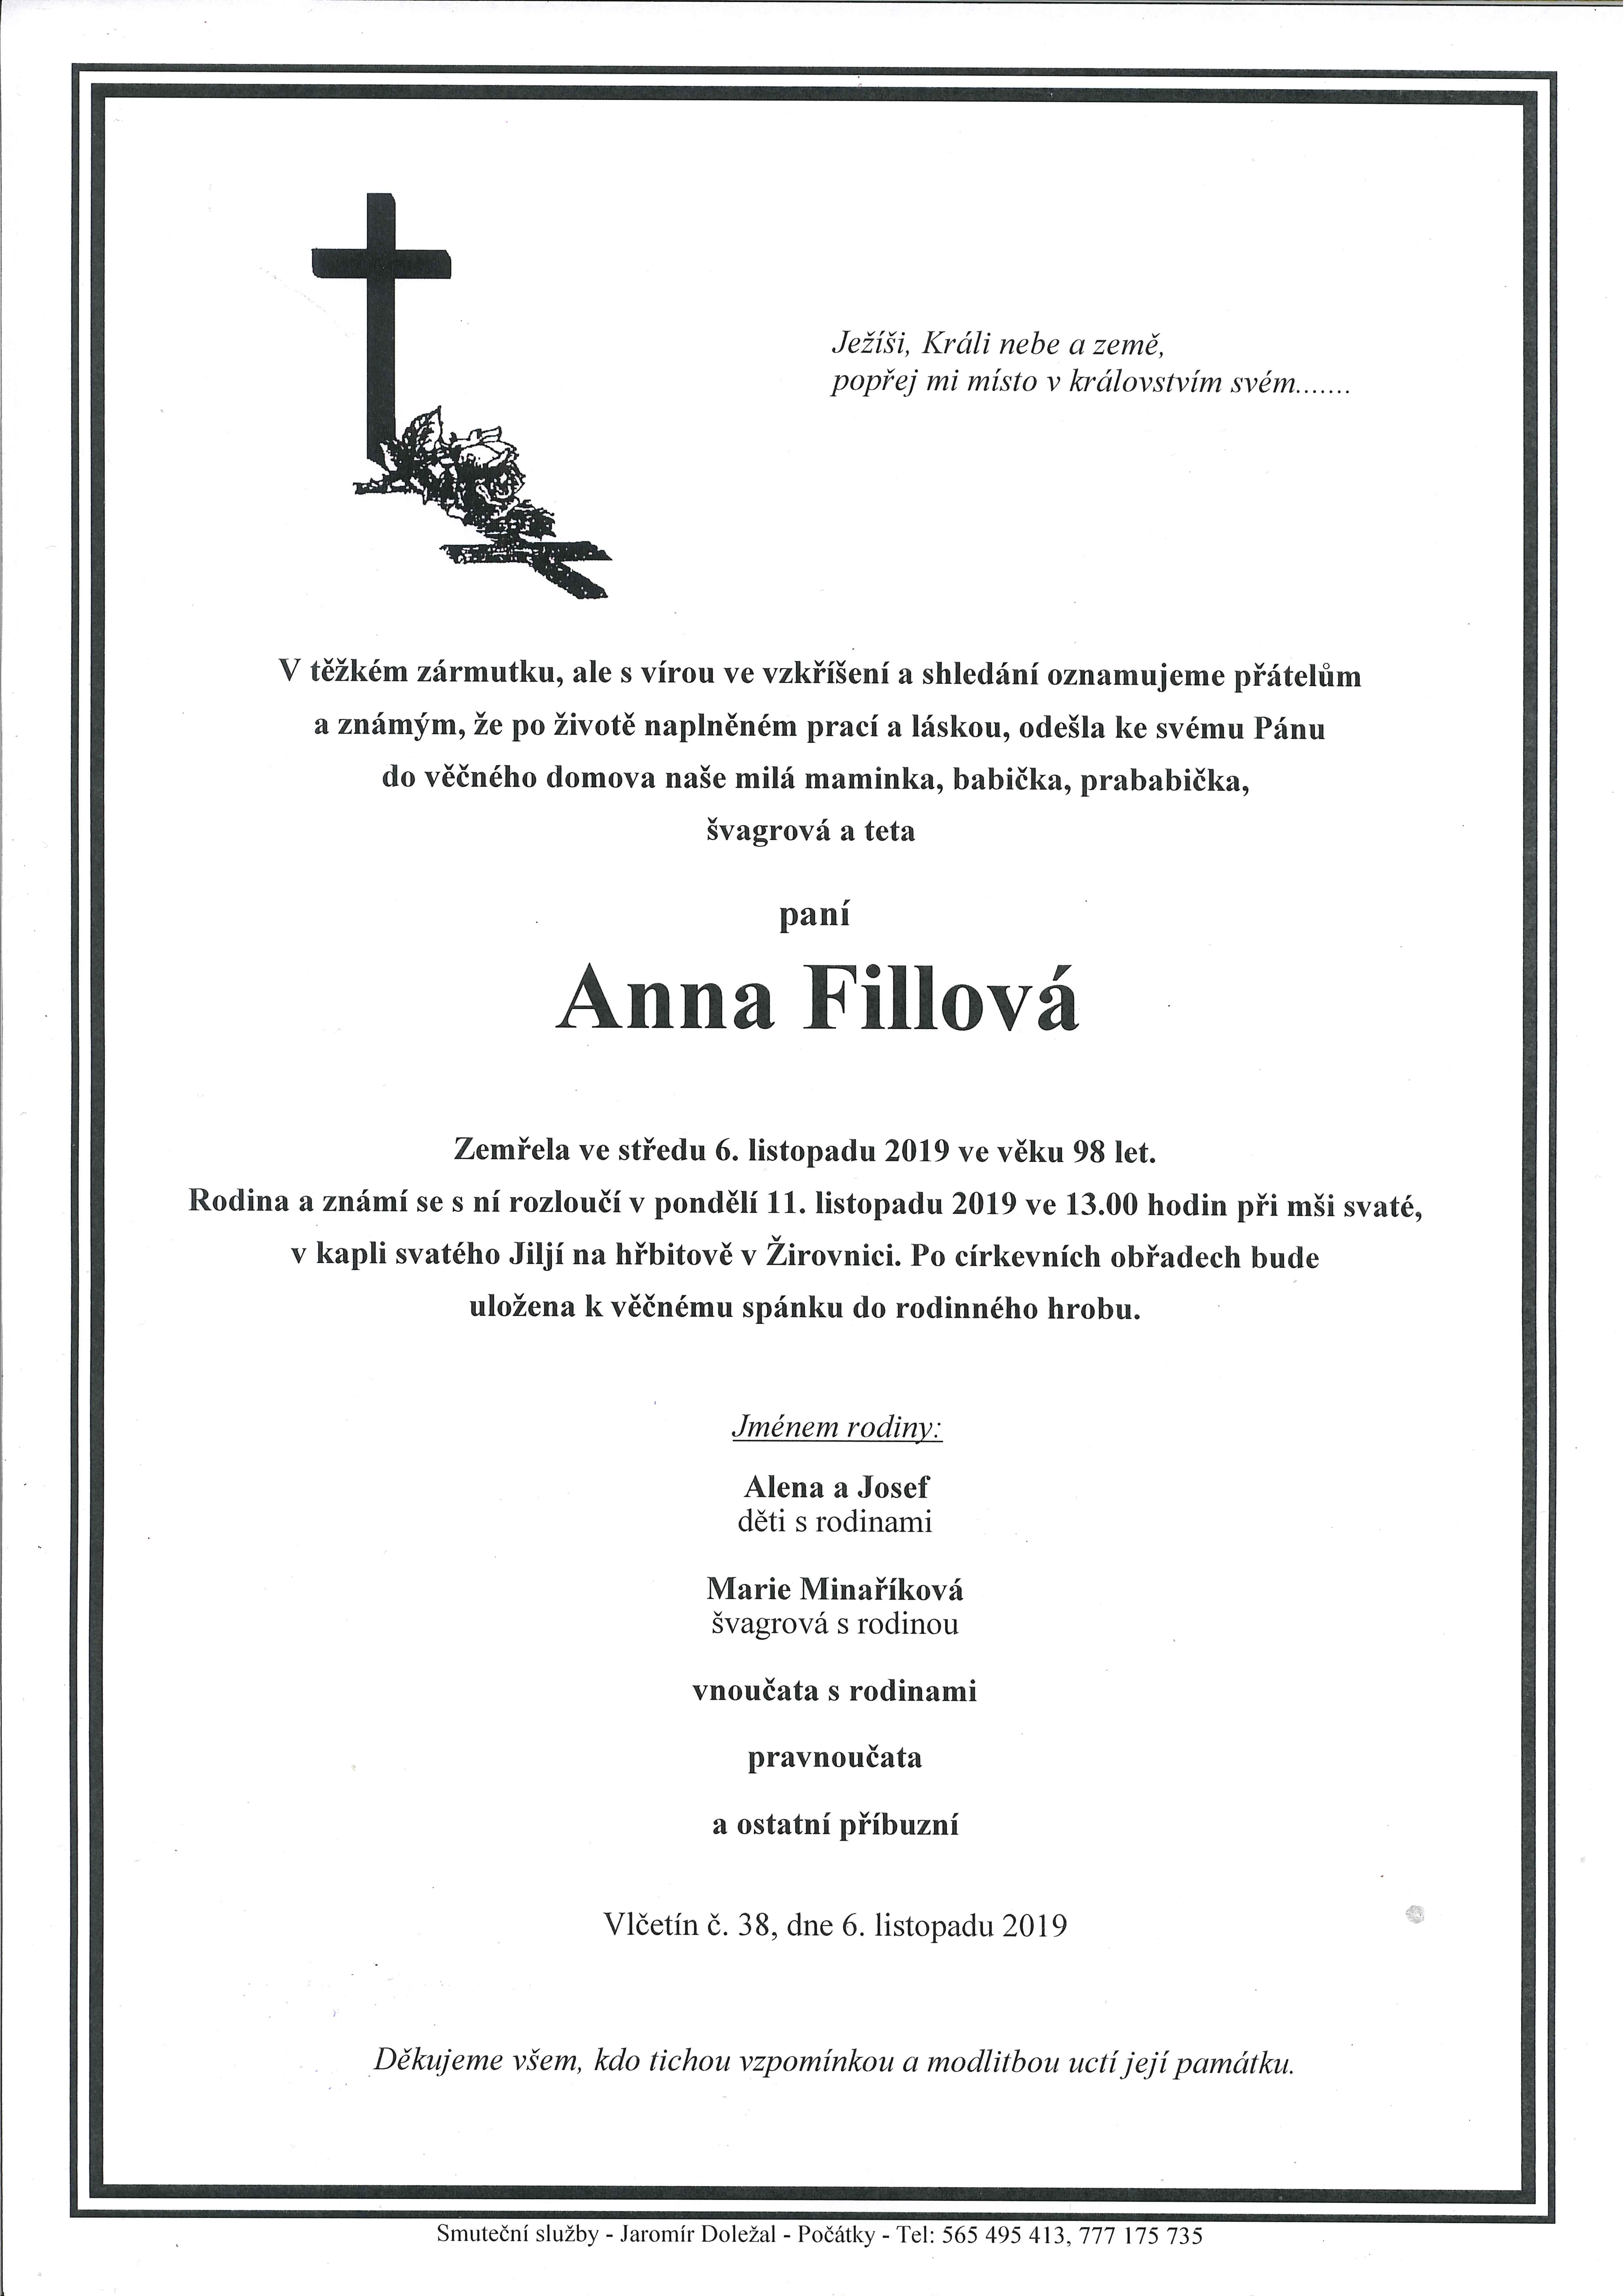 Anna Fillová